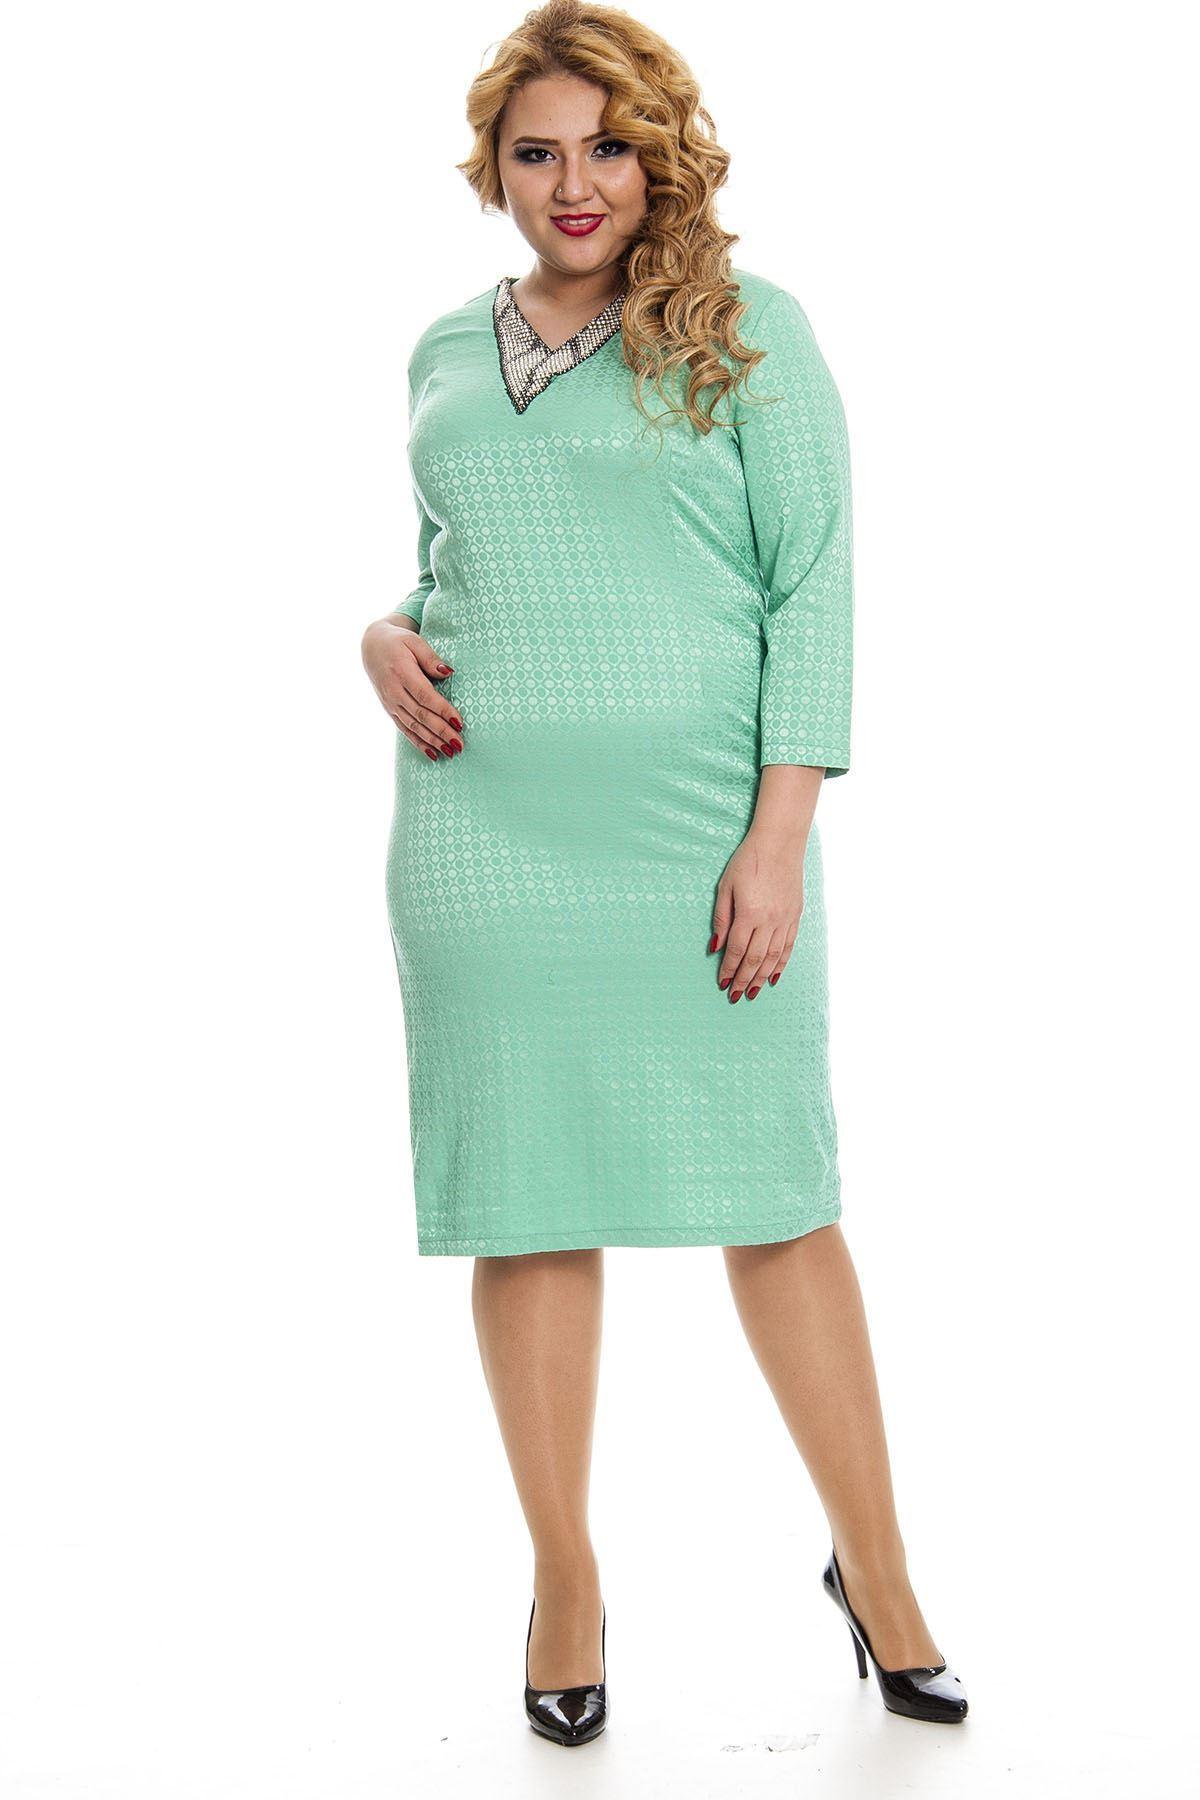 Mint Yeşili Yaka Taşlı Büyük Beden Elbise K11-131006